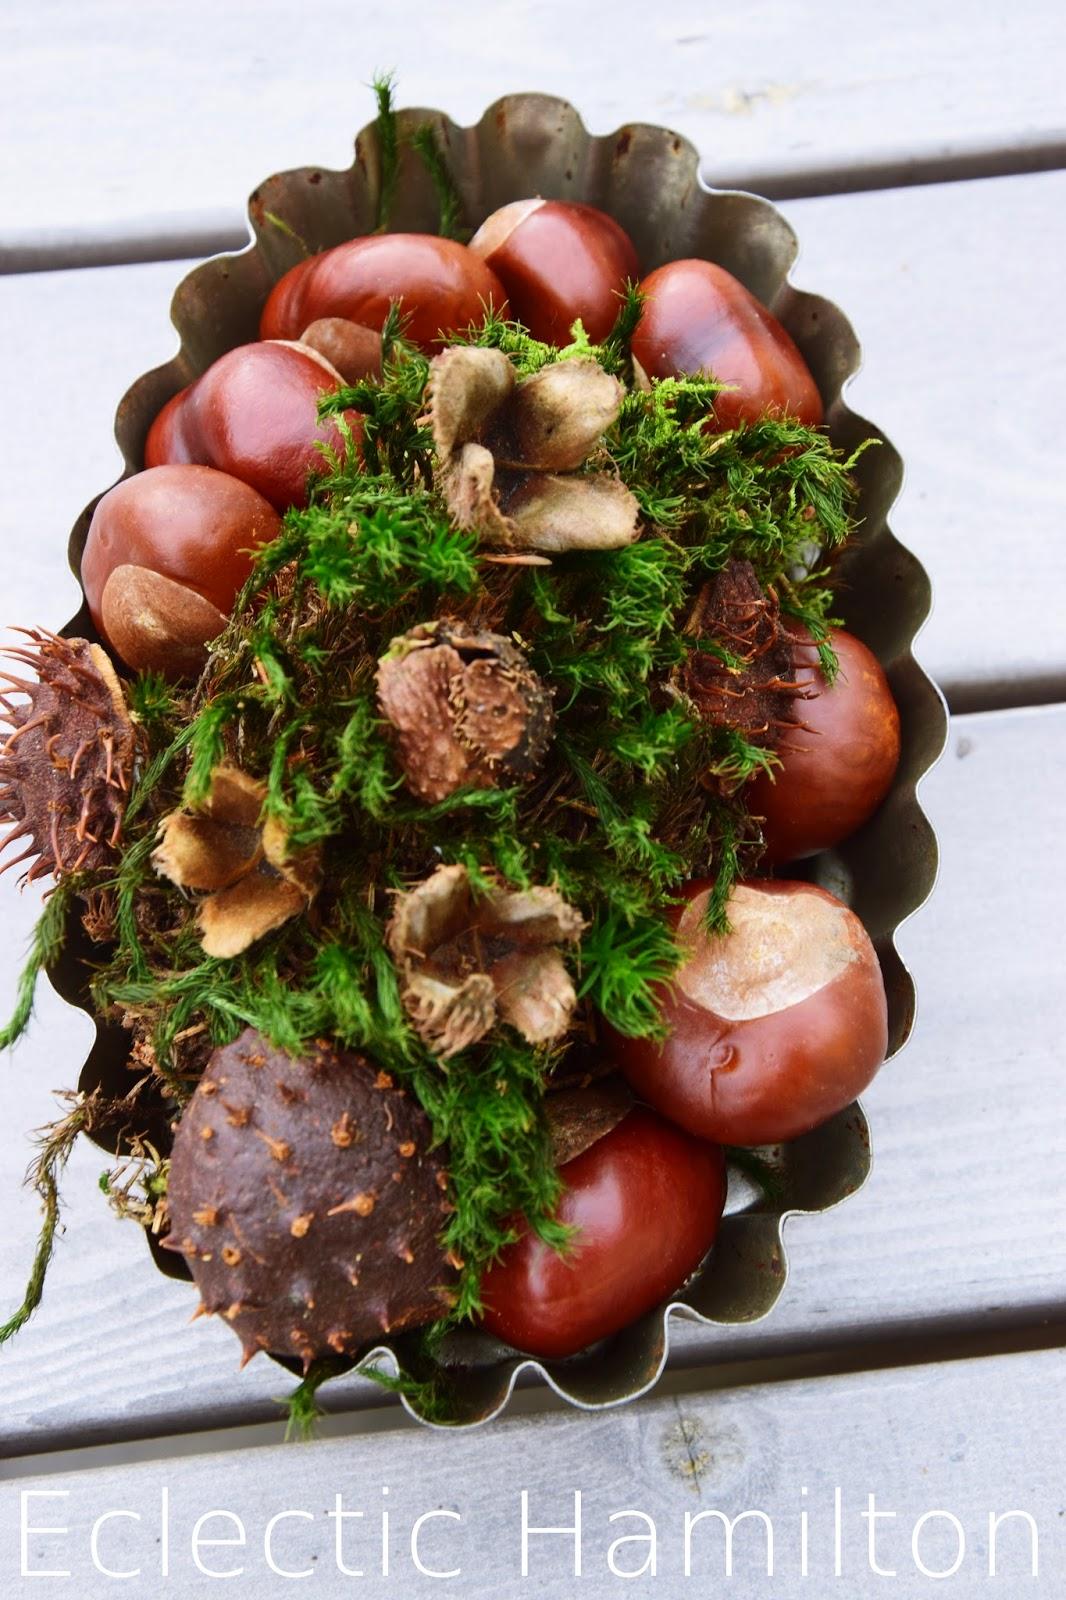 Herbstdeko aus dem Wald. Mit natürlichen Materialien dekorien Dekoration, Herbst, Kastanien, Moos, Lärche, Buchecker,